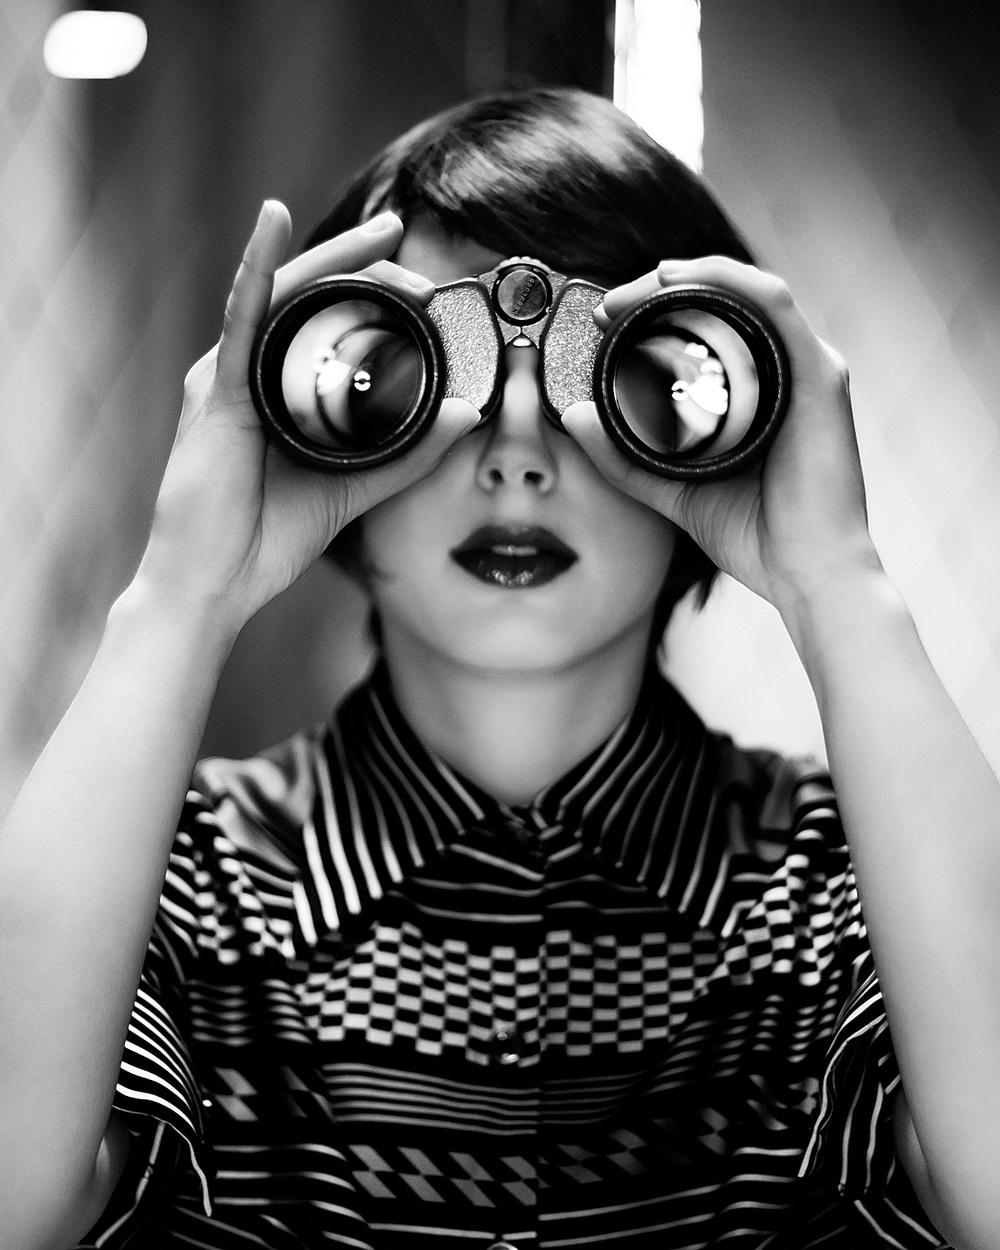 Modefotografie portret vintage verrekijker zwart-wit Strijp Eindhoven